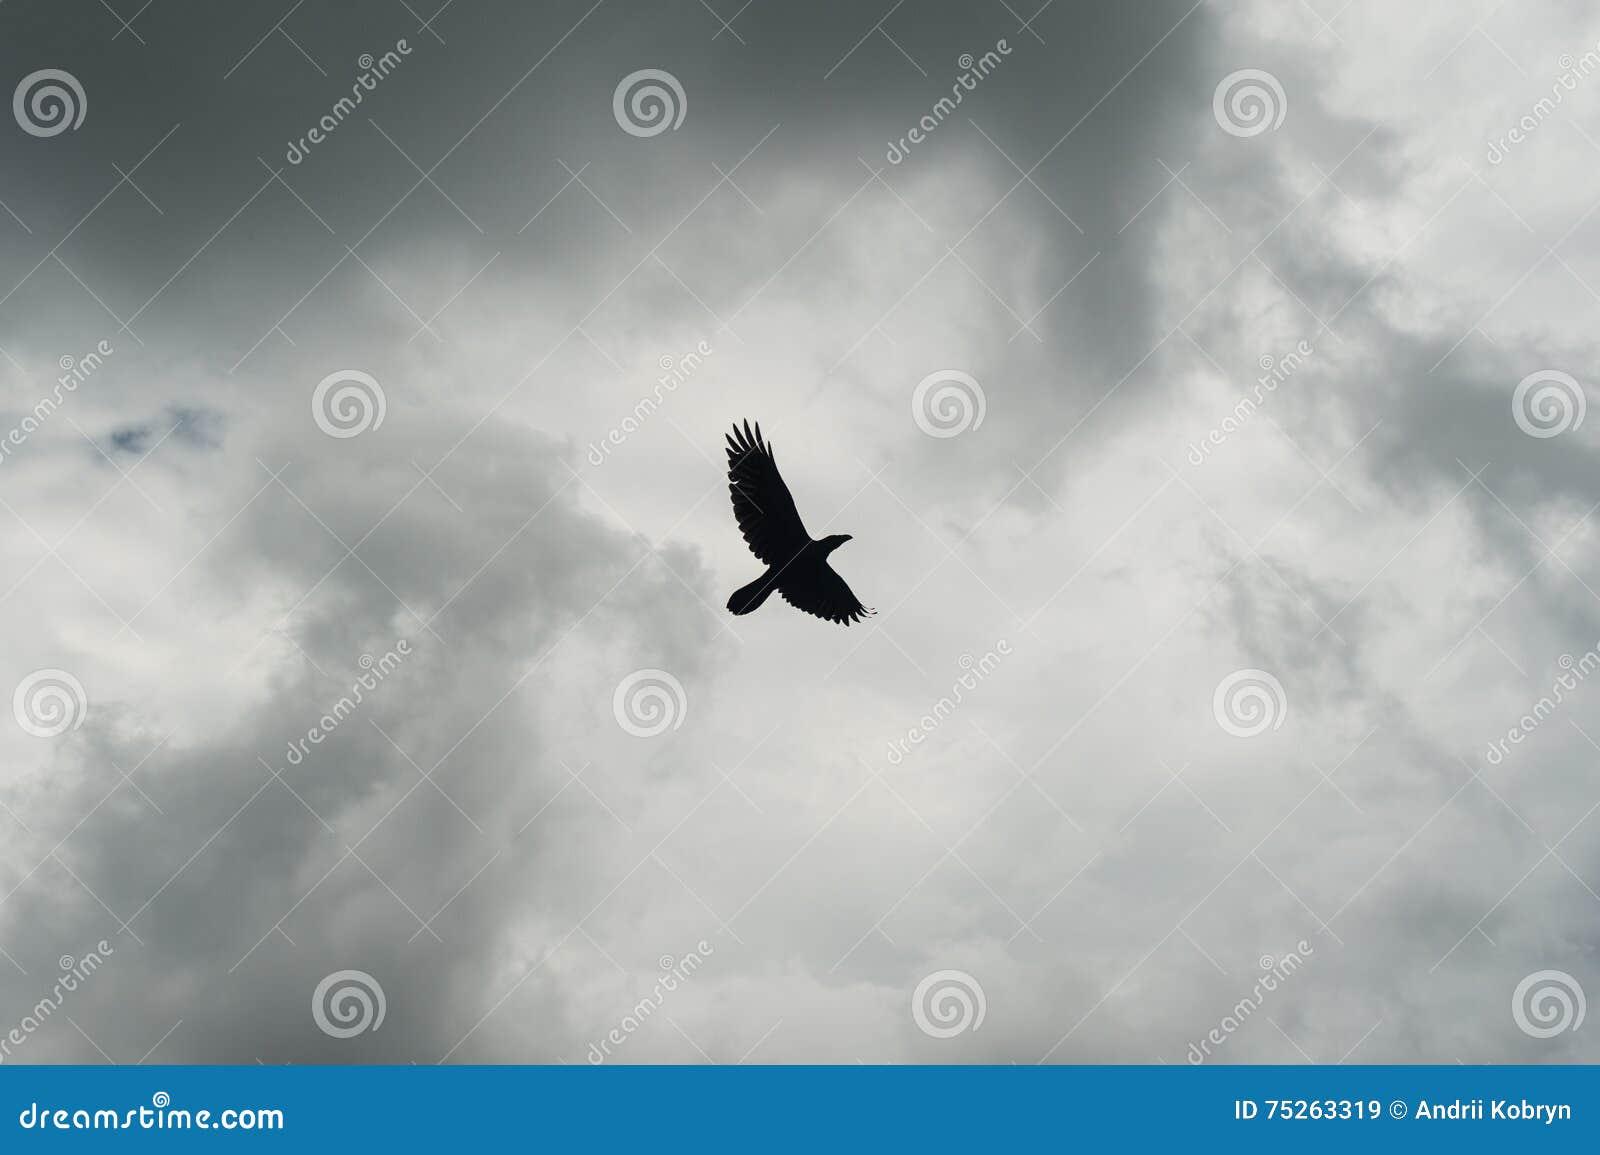 Σκιαγραφία του μαύρου κόρακα που πετά πέρα από τον γκρίζο ουρανό Πιέζοντας δραματικό υπόβαθρο